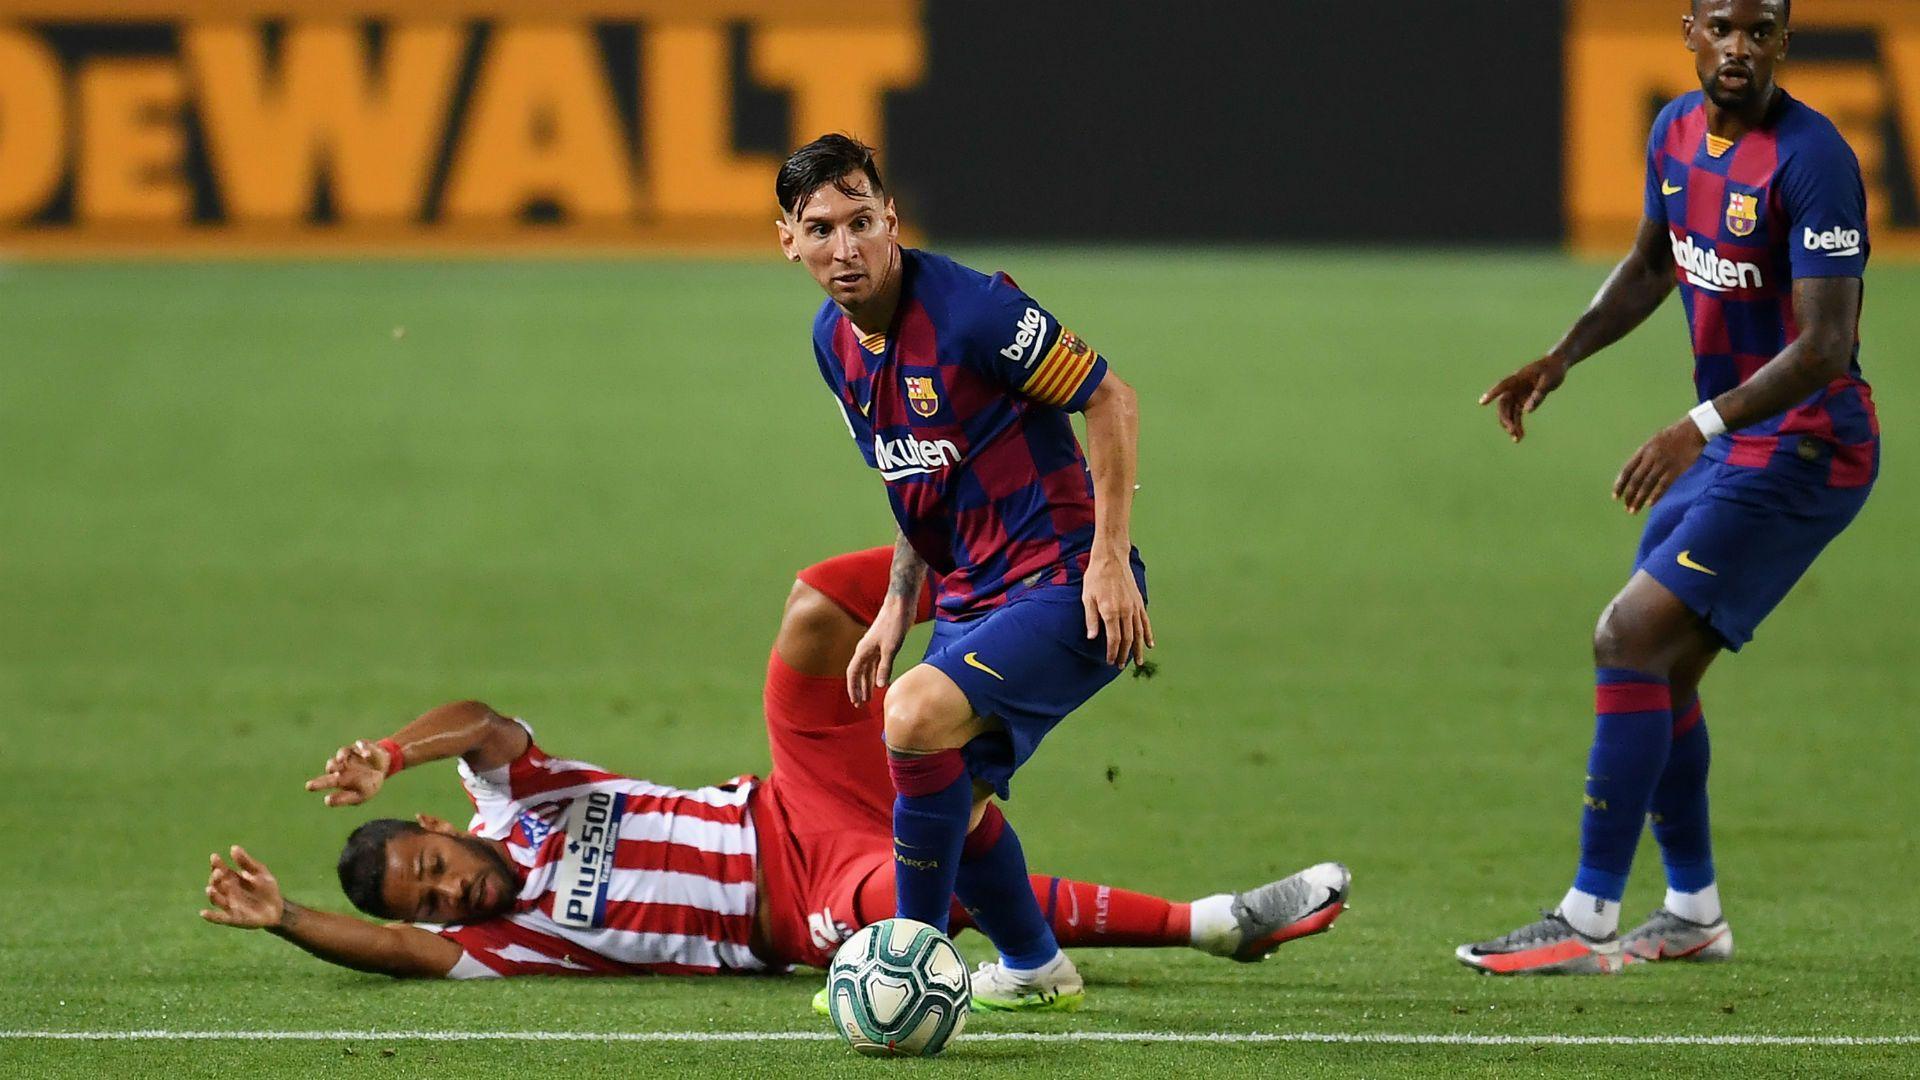 Soi kèo, tỷlệ cược Barcelona vs Atletico Madrid: Được ăn cả... - Ảnh 1.